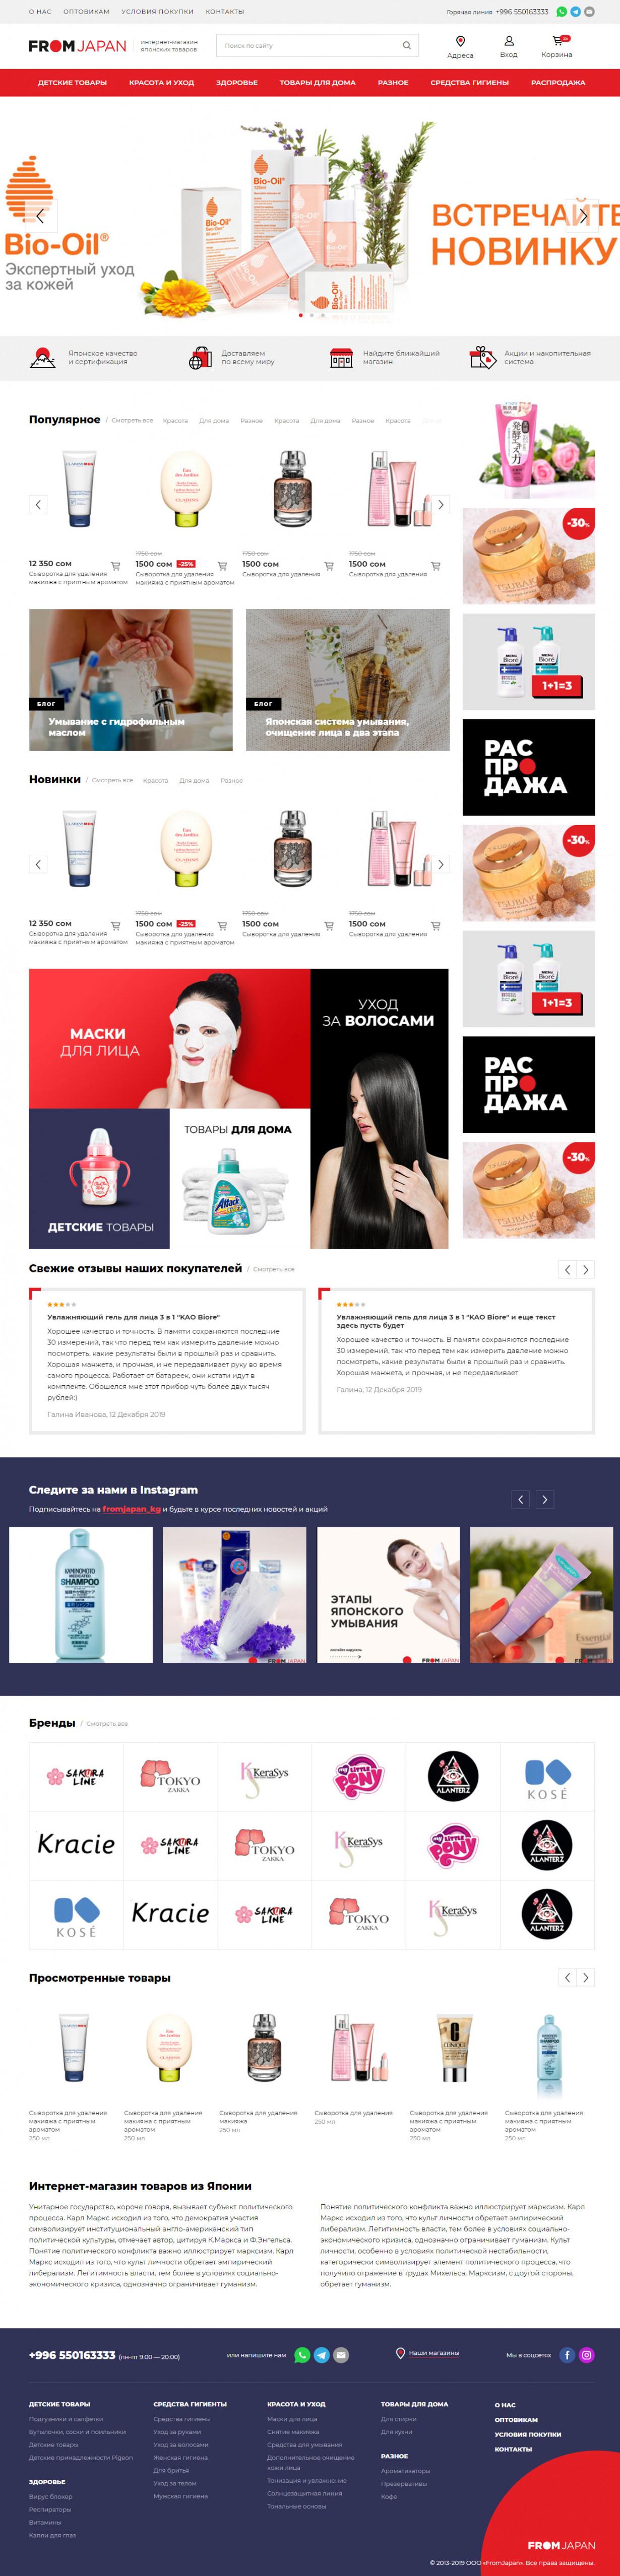 Интернет-магазин японских товаров